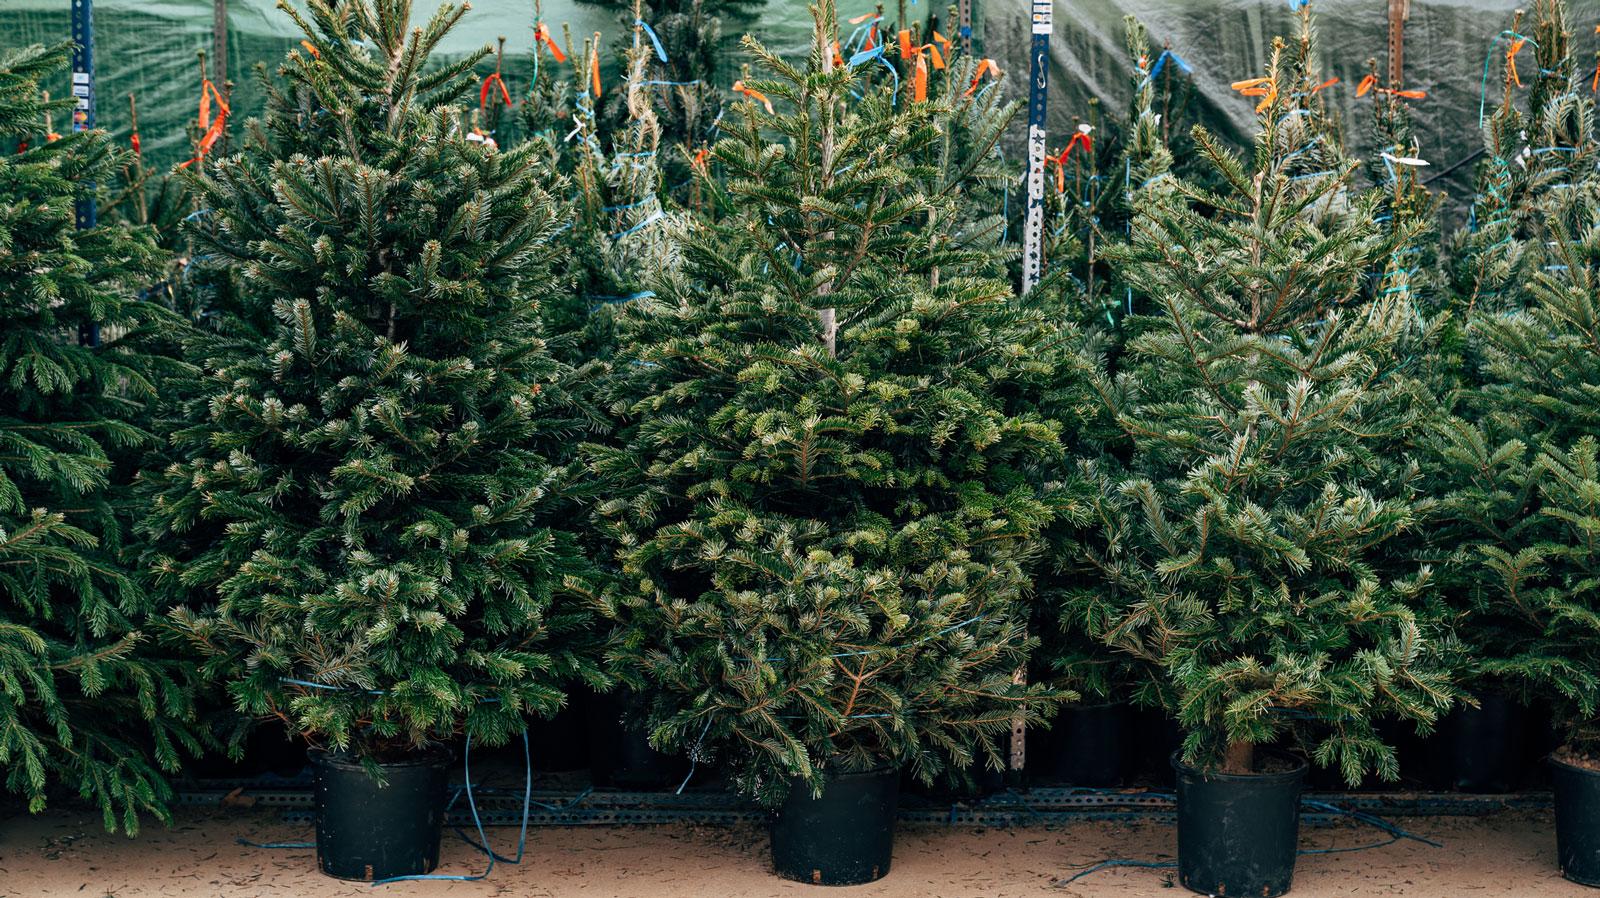 Tanne im Topf: Kann nach Weihnachten wieder eingepflanzt werden